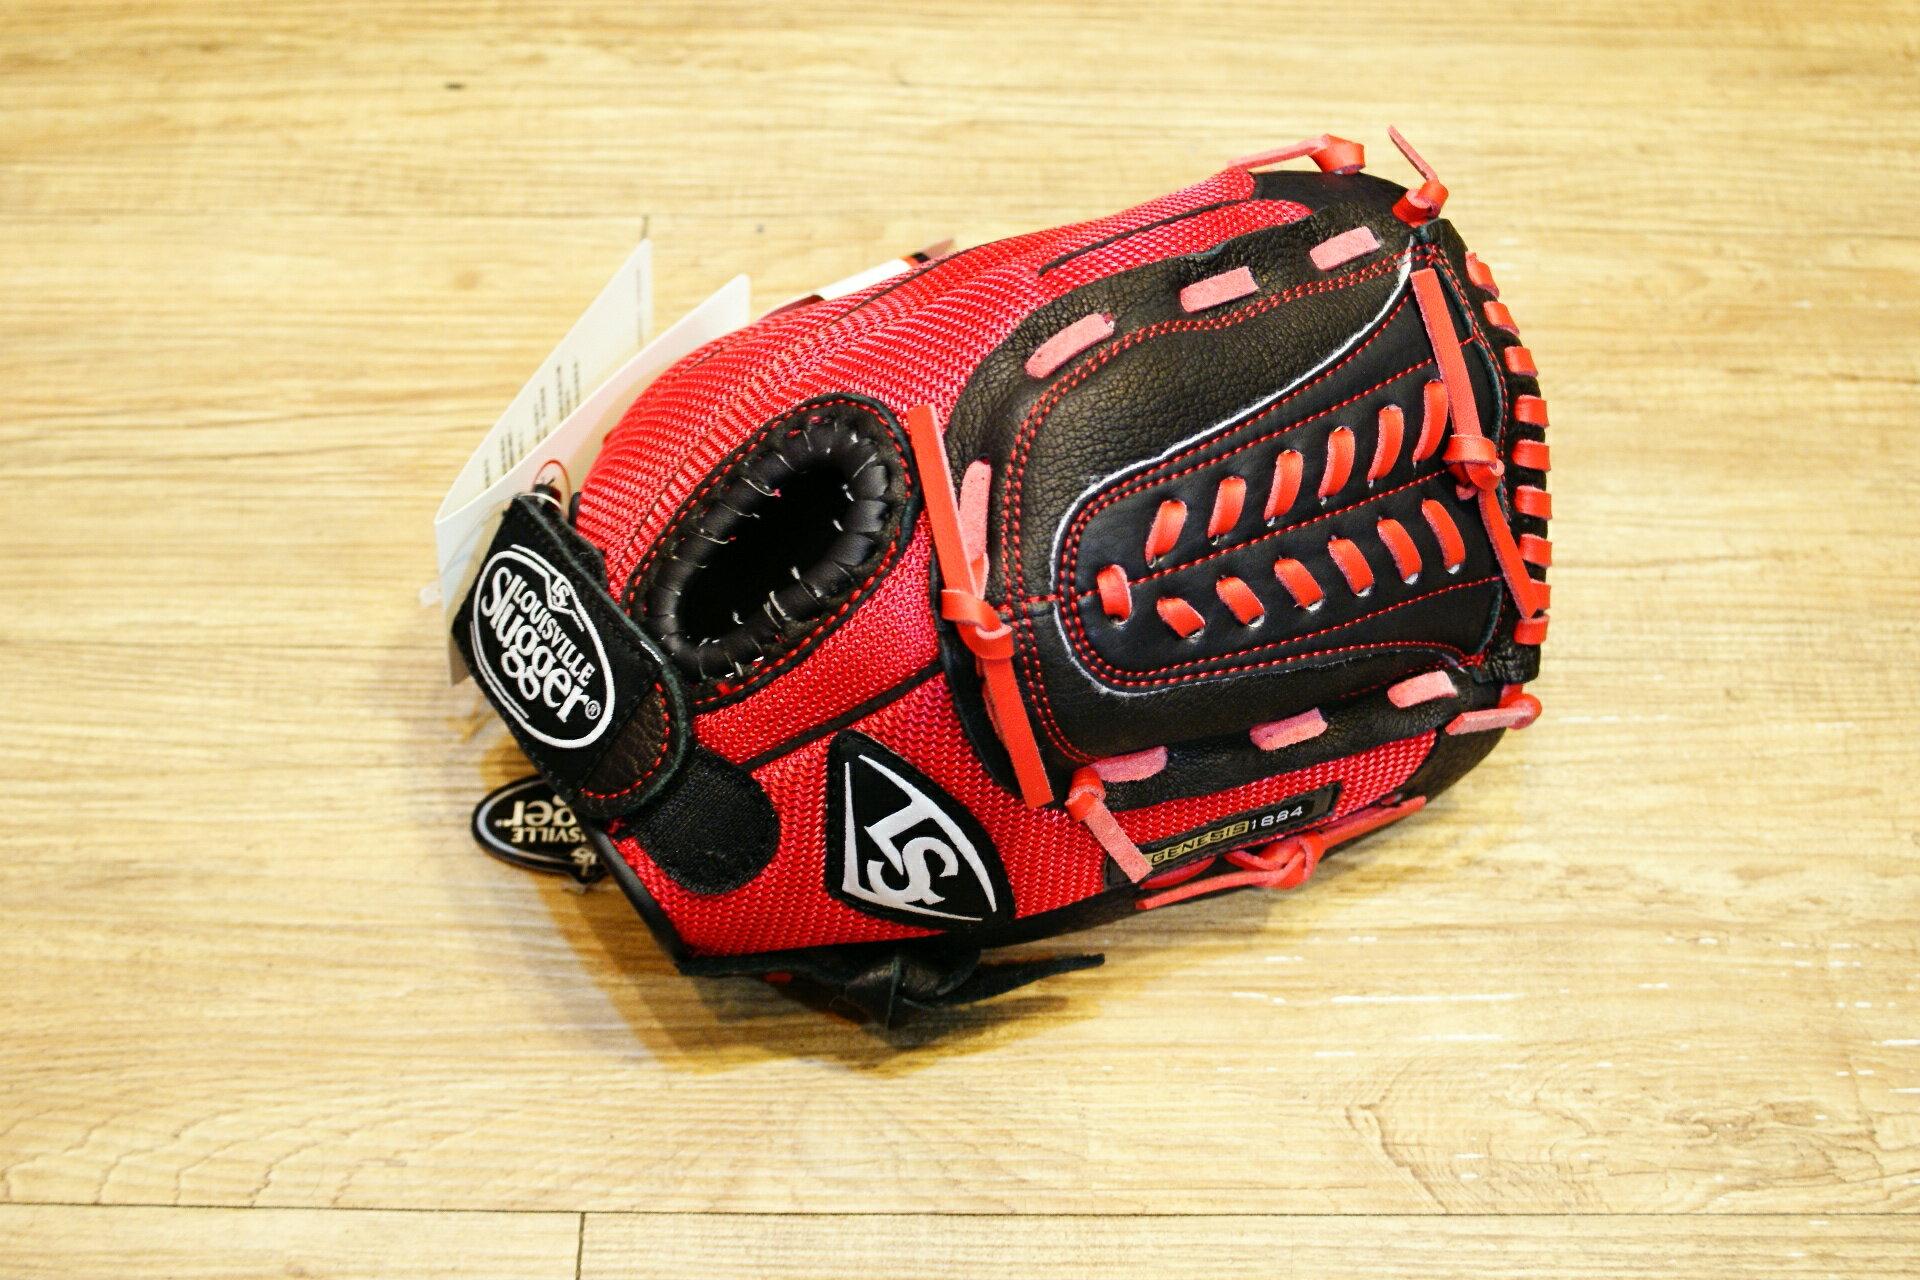 棒球世界 Louisville Slugger 路易斯威爾 genesis11.5吋兒童手套特價 黑紅配色